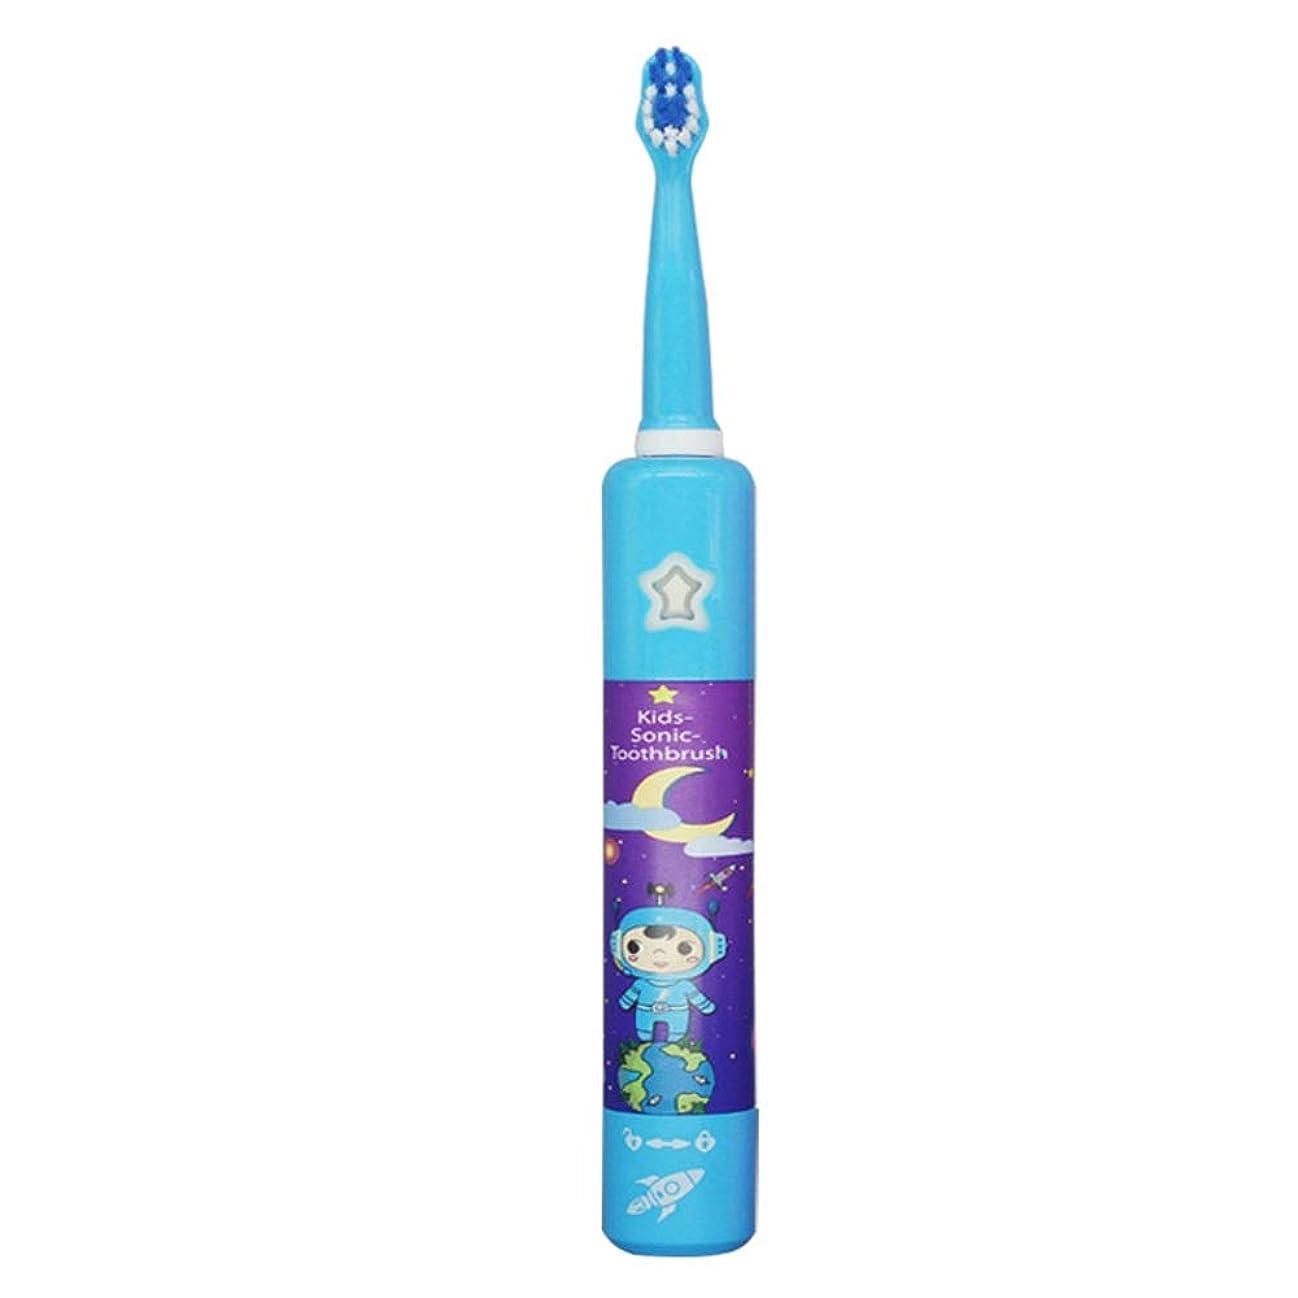 思春期ラップトップ純度家庭用電動歯ブラシ 子供の電気USB充電式歯ブラシかわいい柔らかい髪音楽歯ブラシホルダーと1つの交換用ヘッド 男性用女性子供大人 (色 : 青, サイズ : Free size)